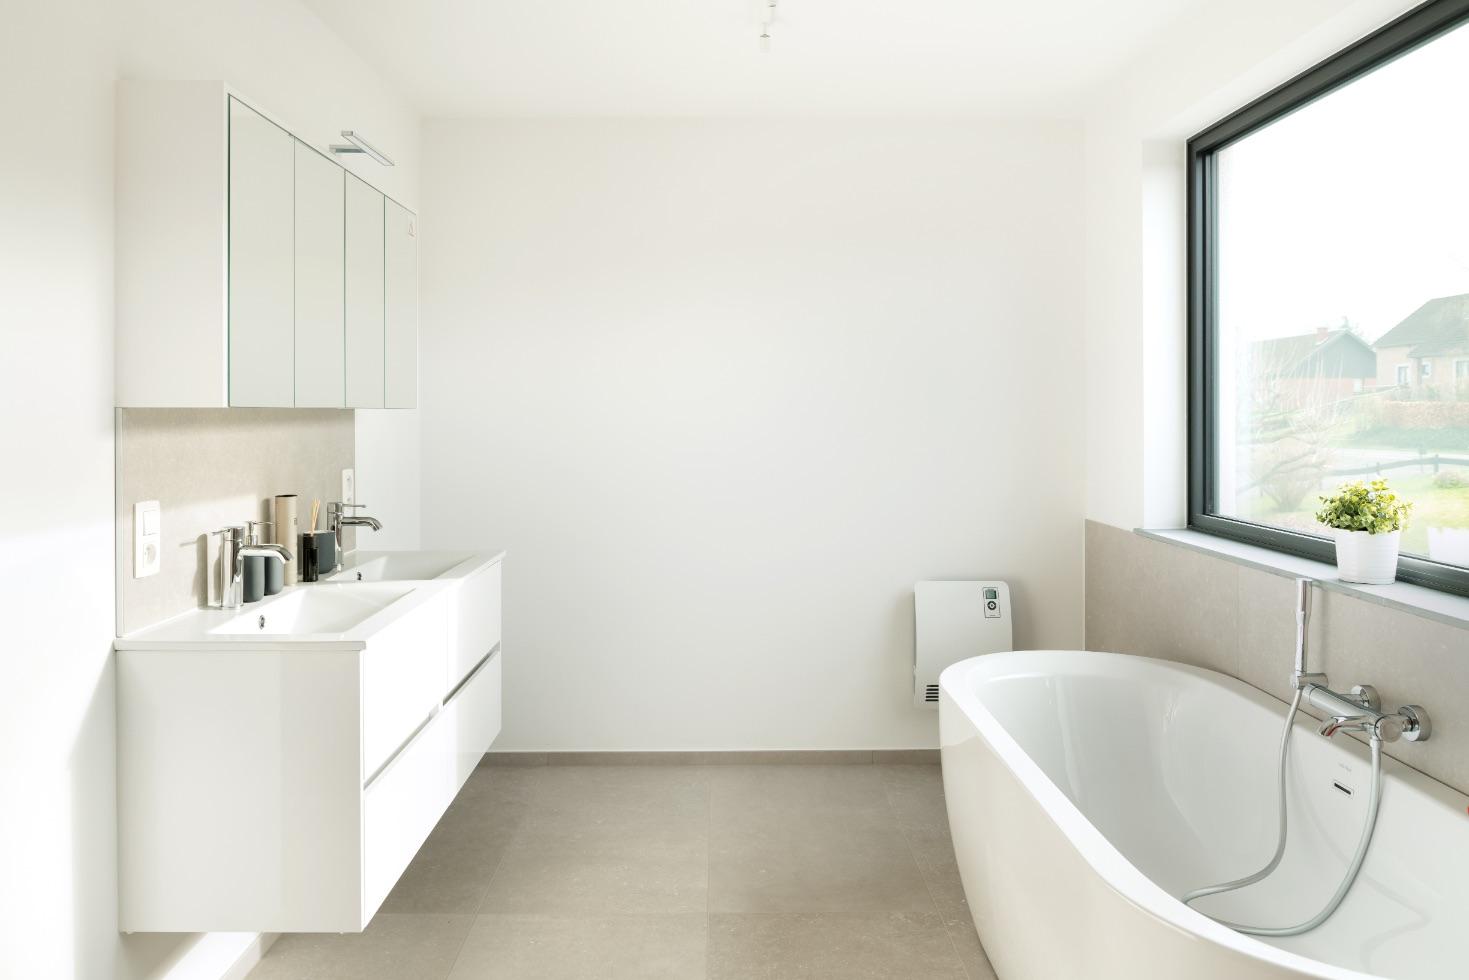 Salle de bain d'une construction contemporaine à Esneux